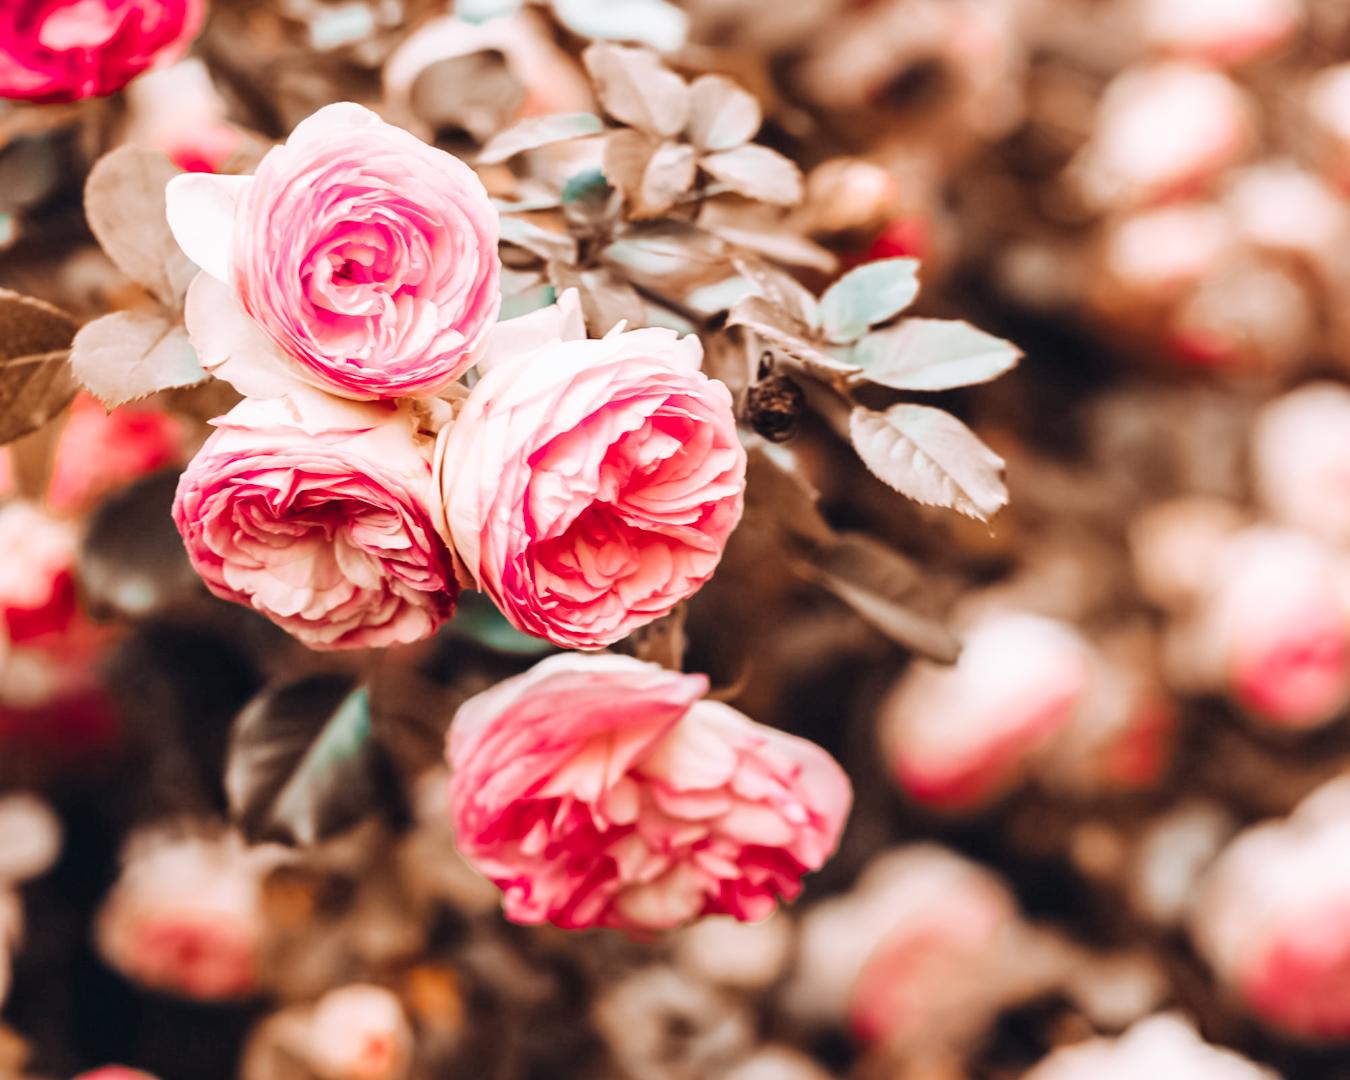 Roses in San Jose